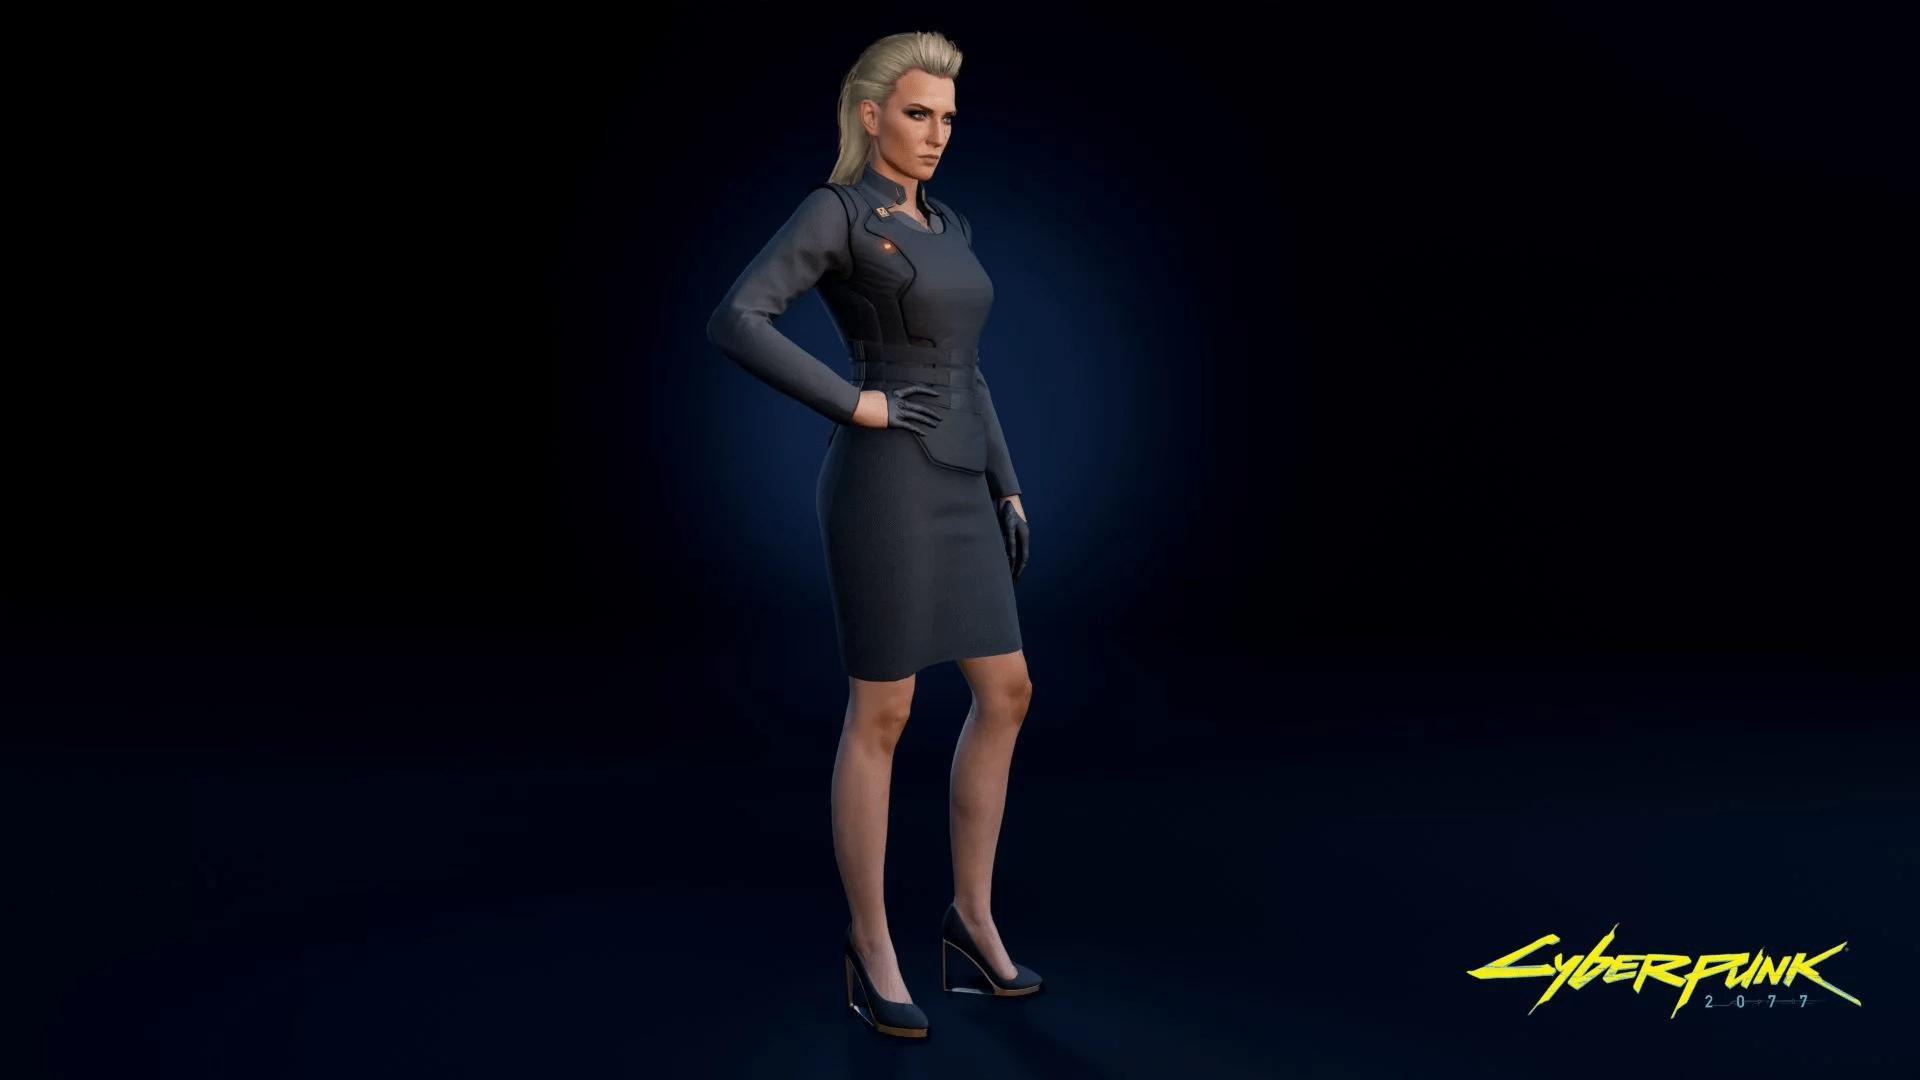 Novas imagens de Cyberpunk 2077 têm referências a The Witcher 3 1